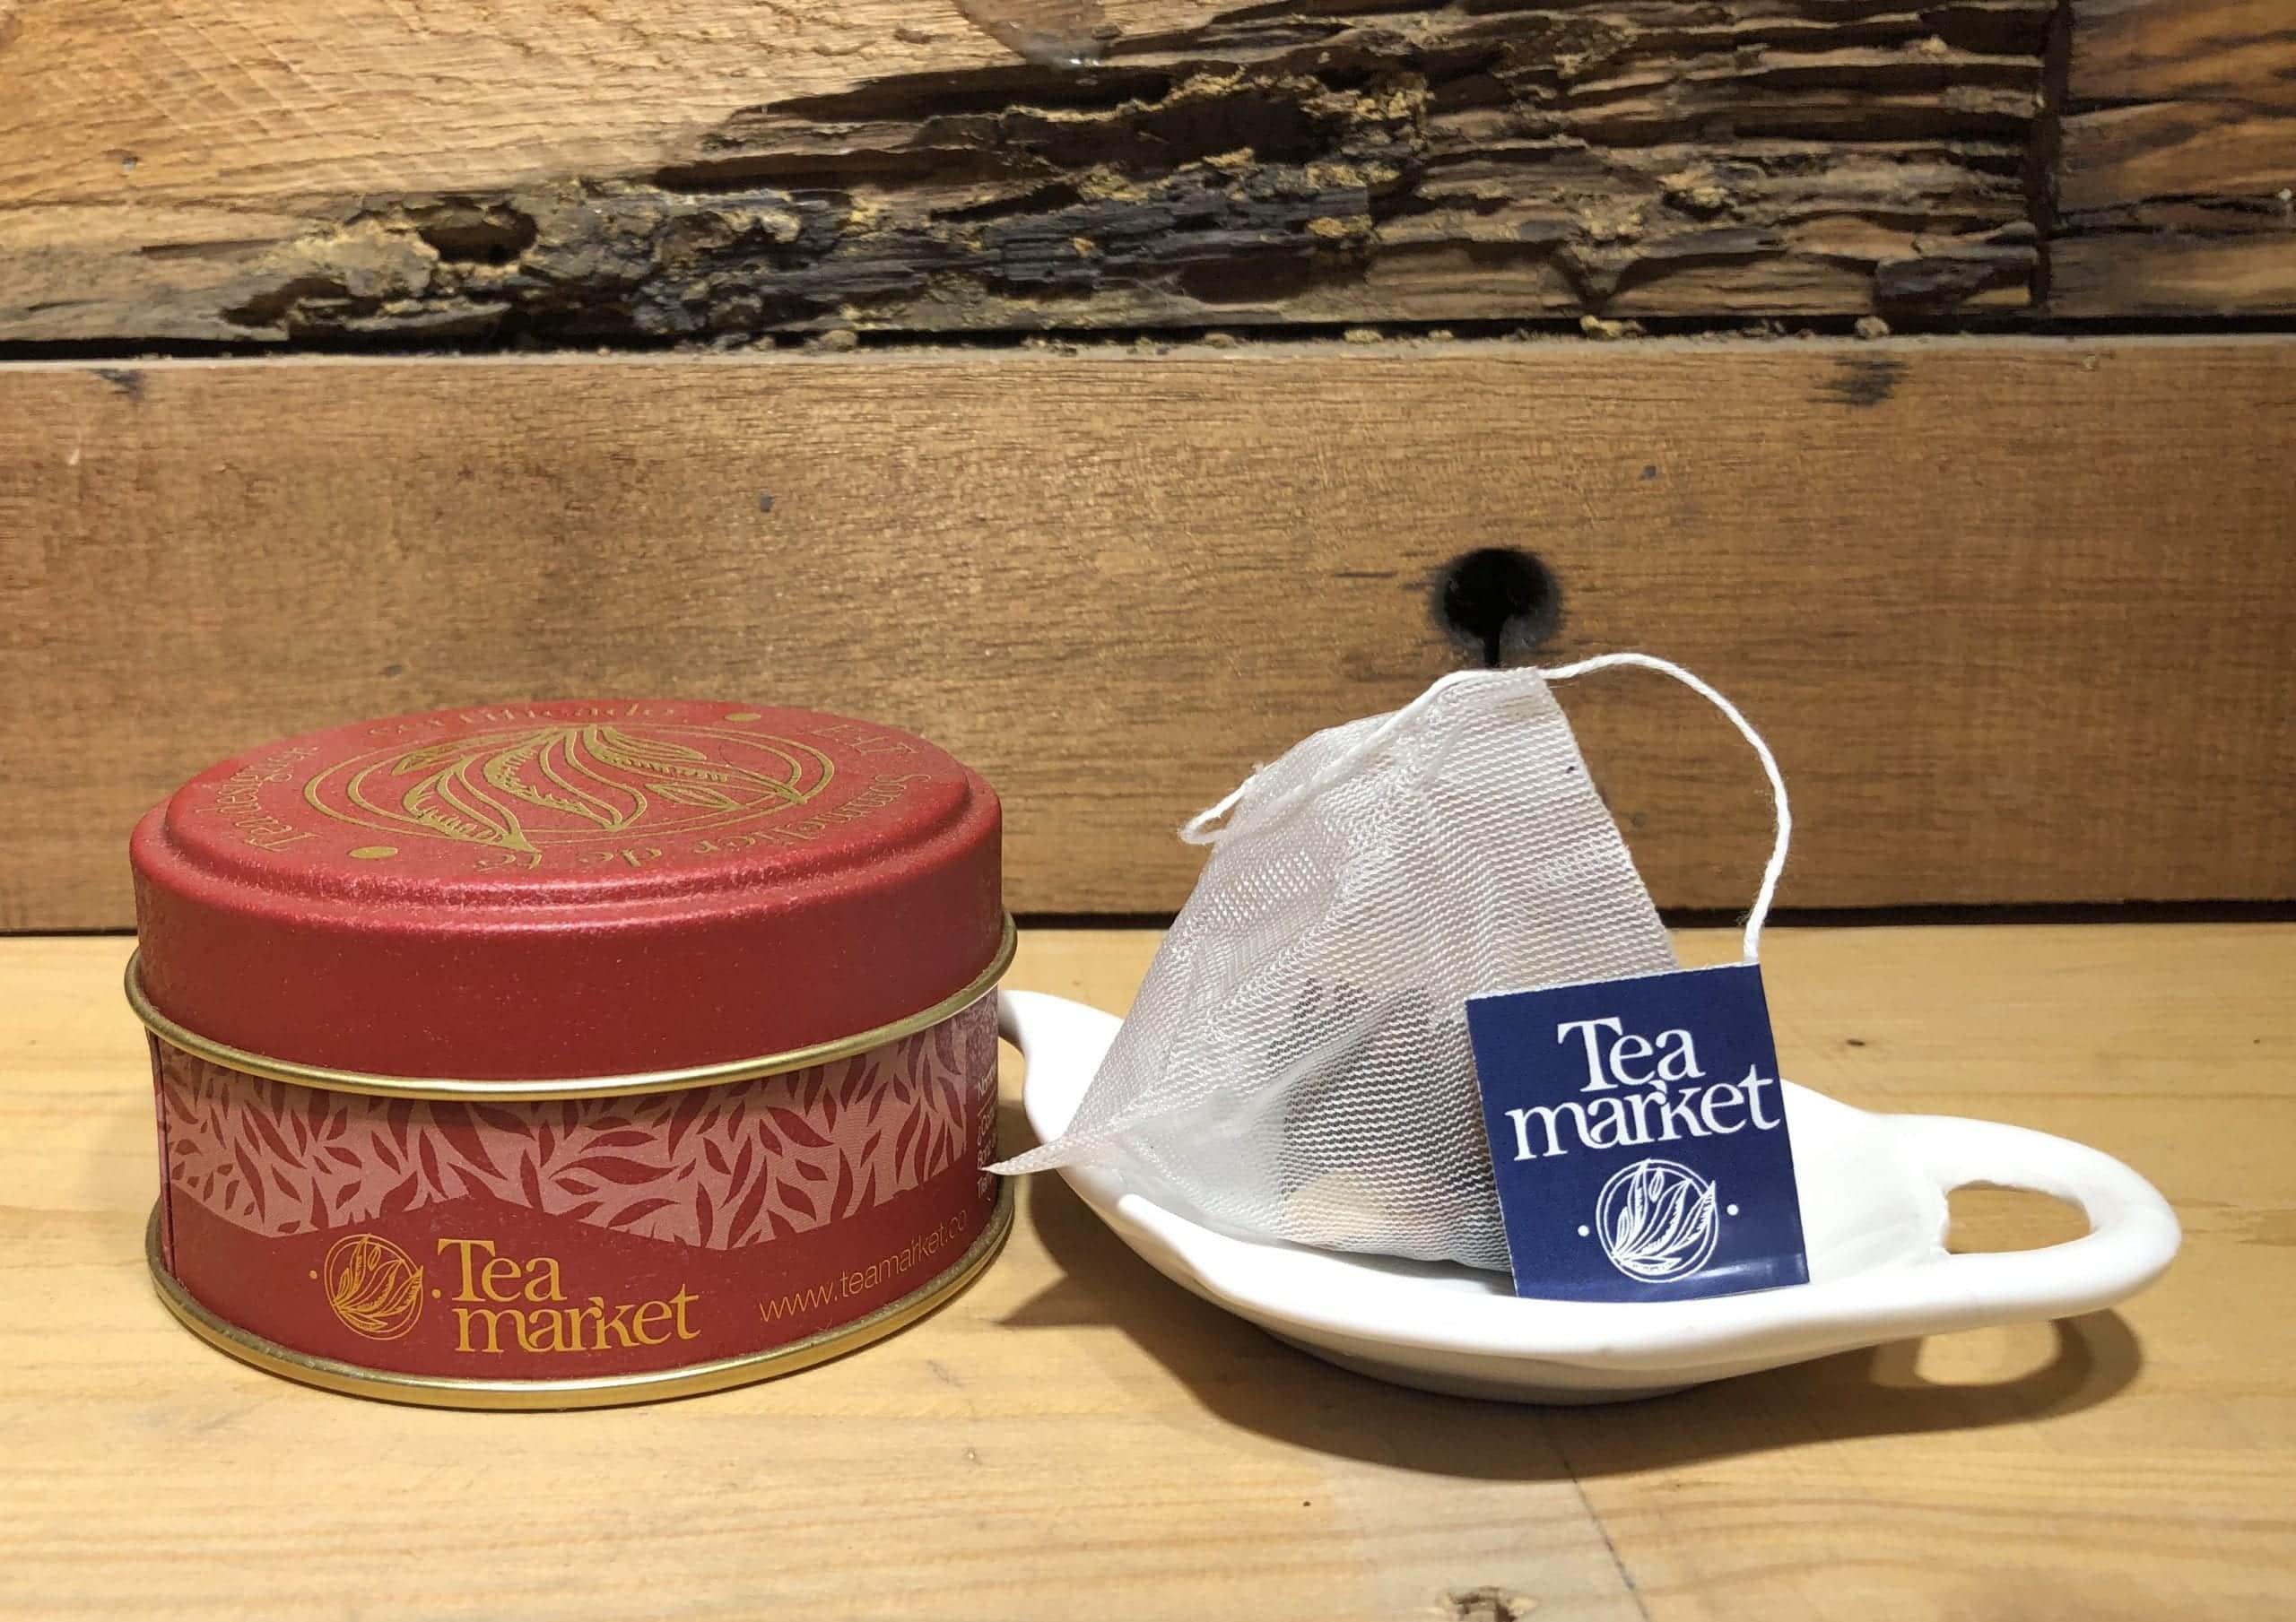 bolsas de té verde bitaco tea market